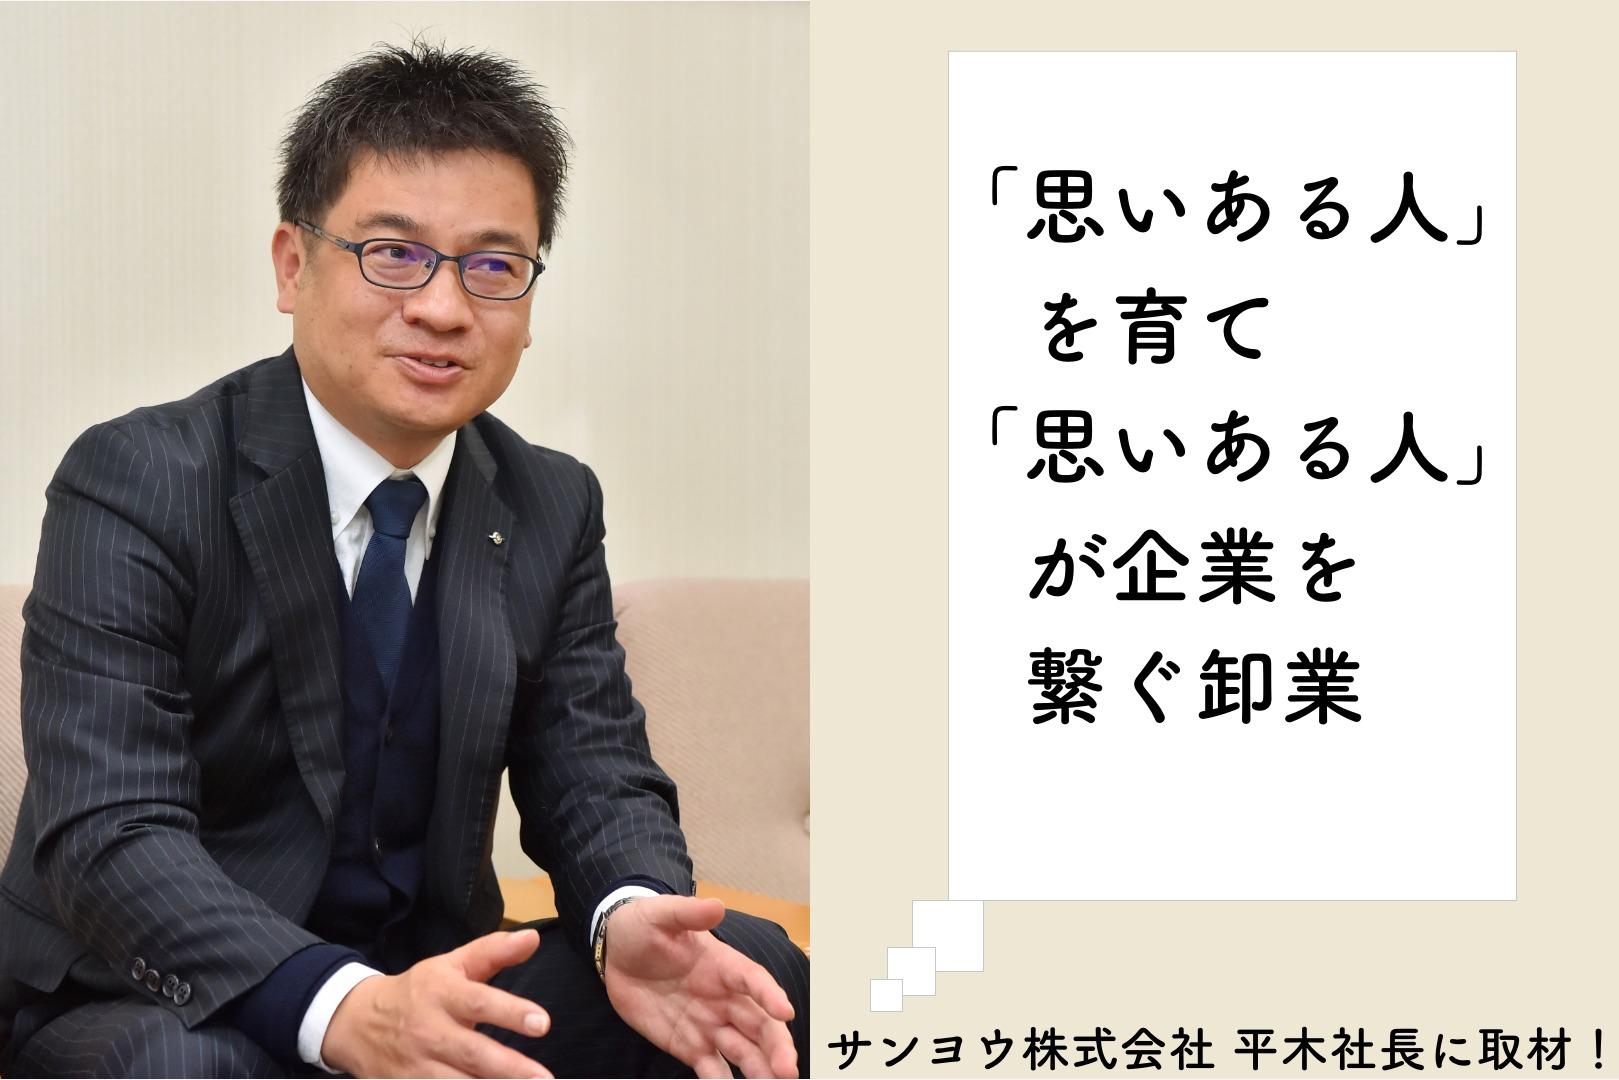 サンヨウ株式会社さん取材記事サムネイル